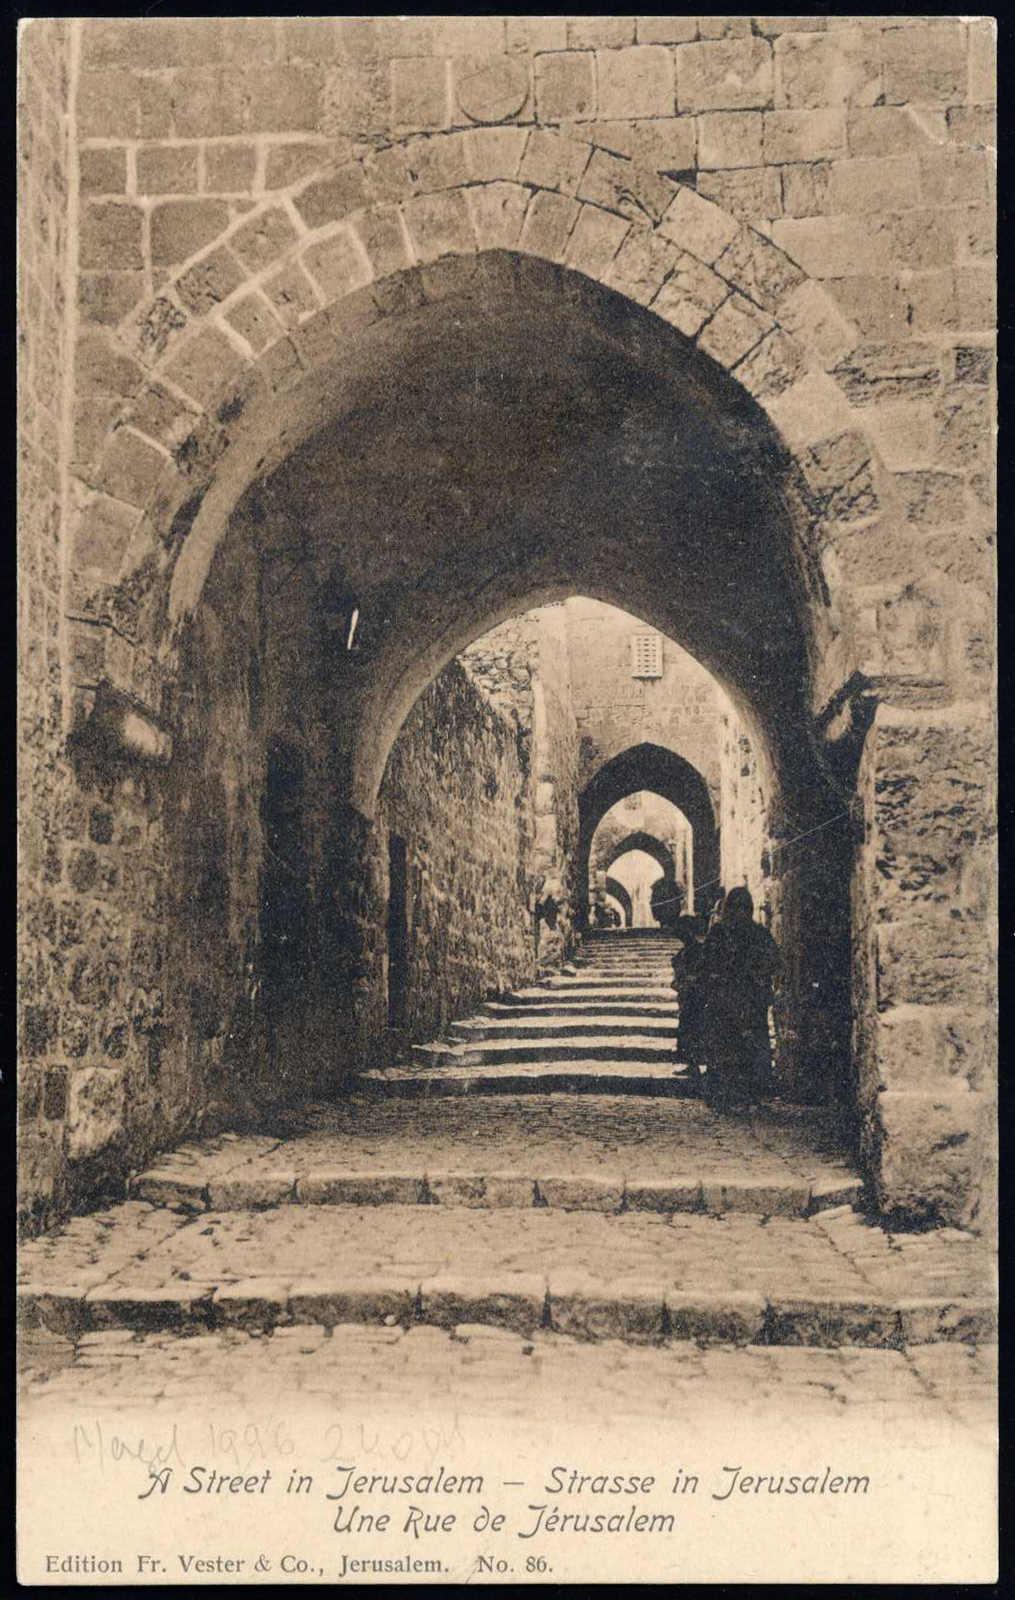 Lot 961 - andere gebiete Palästina Russische Levante Postämter -  HA HARMERS AUCTIONS S.A. Treasure Hunt 3